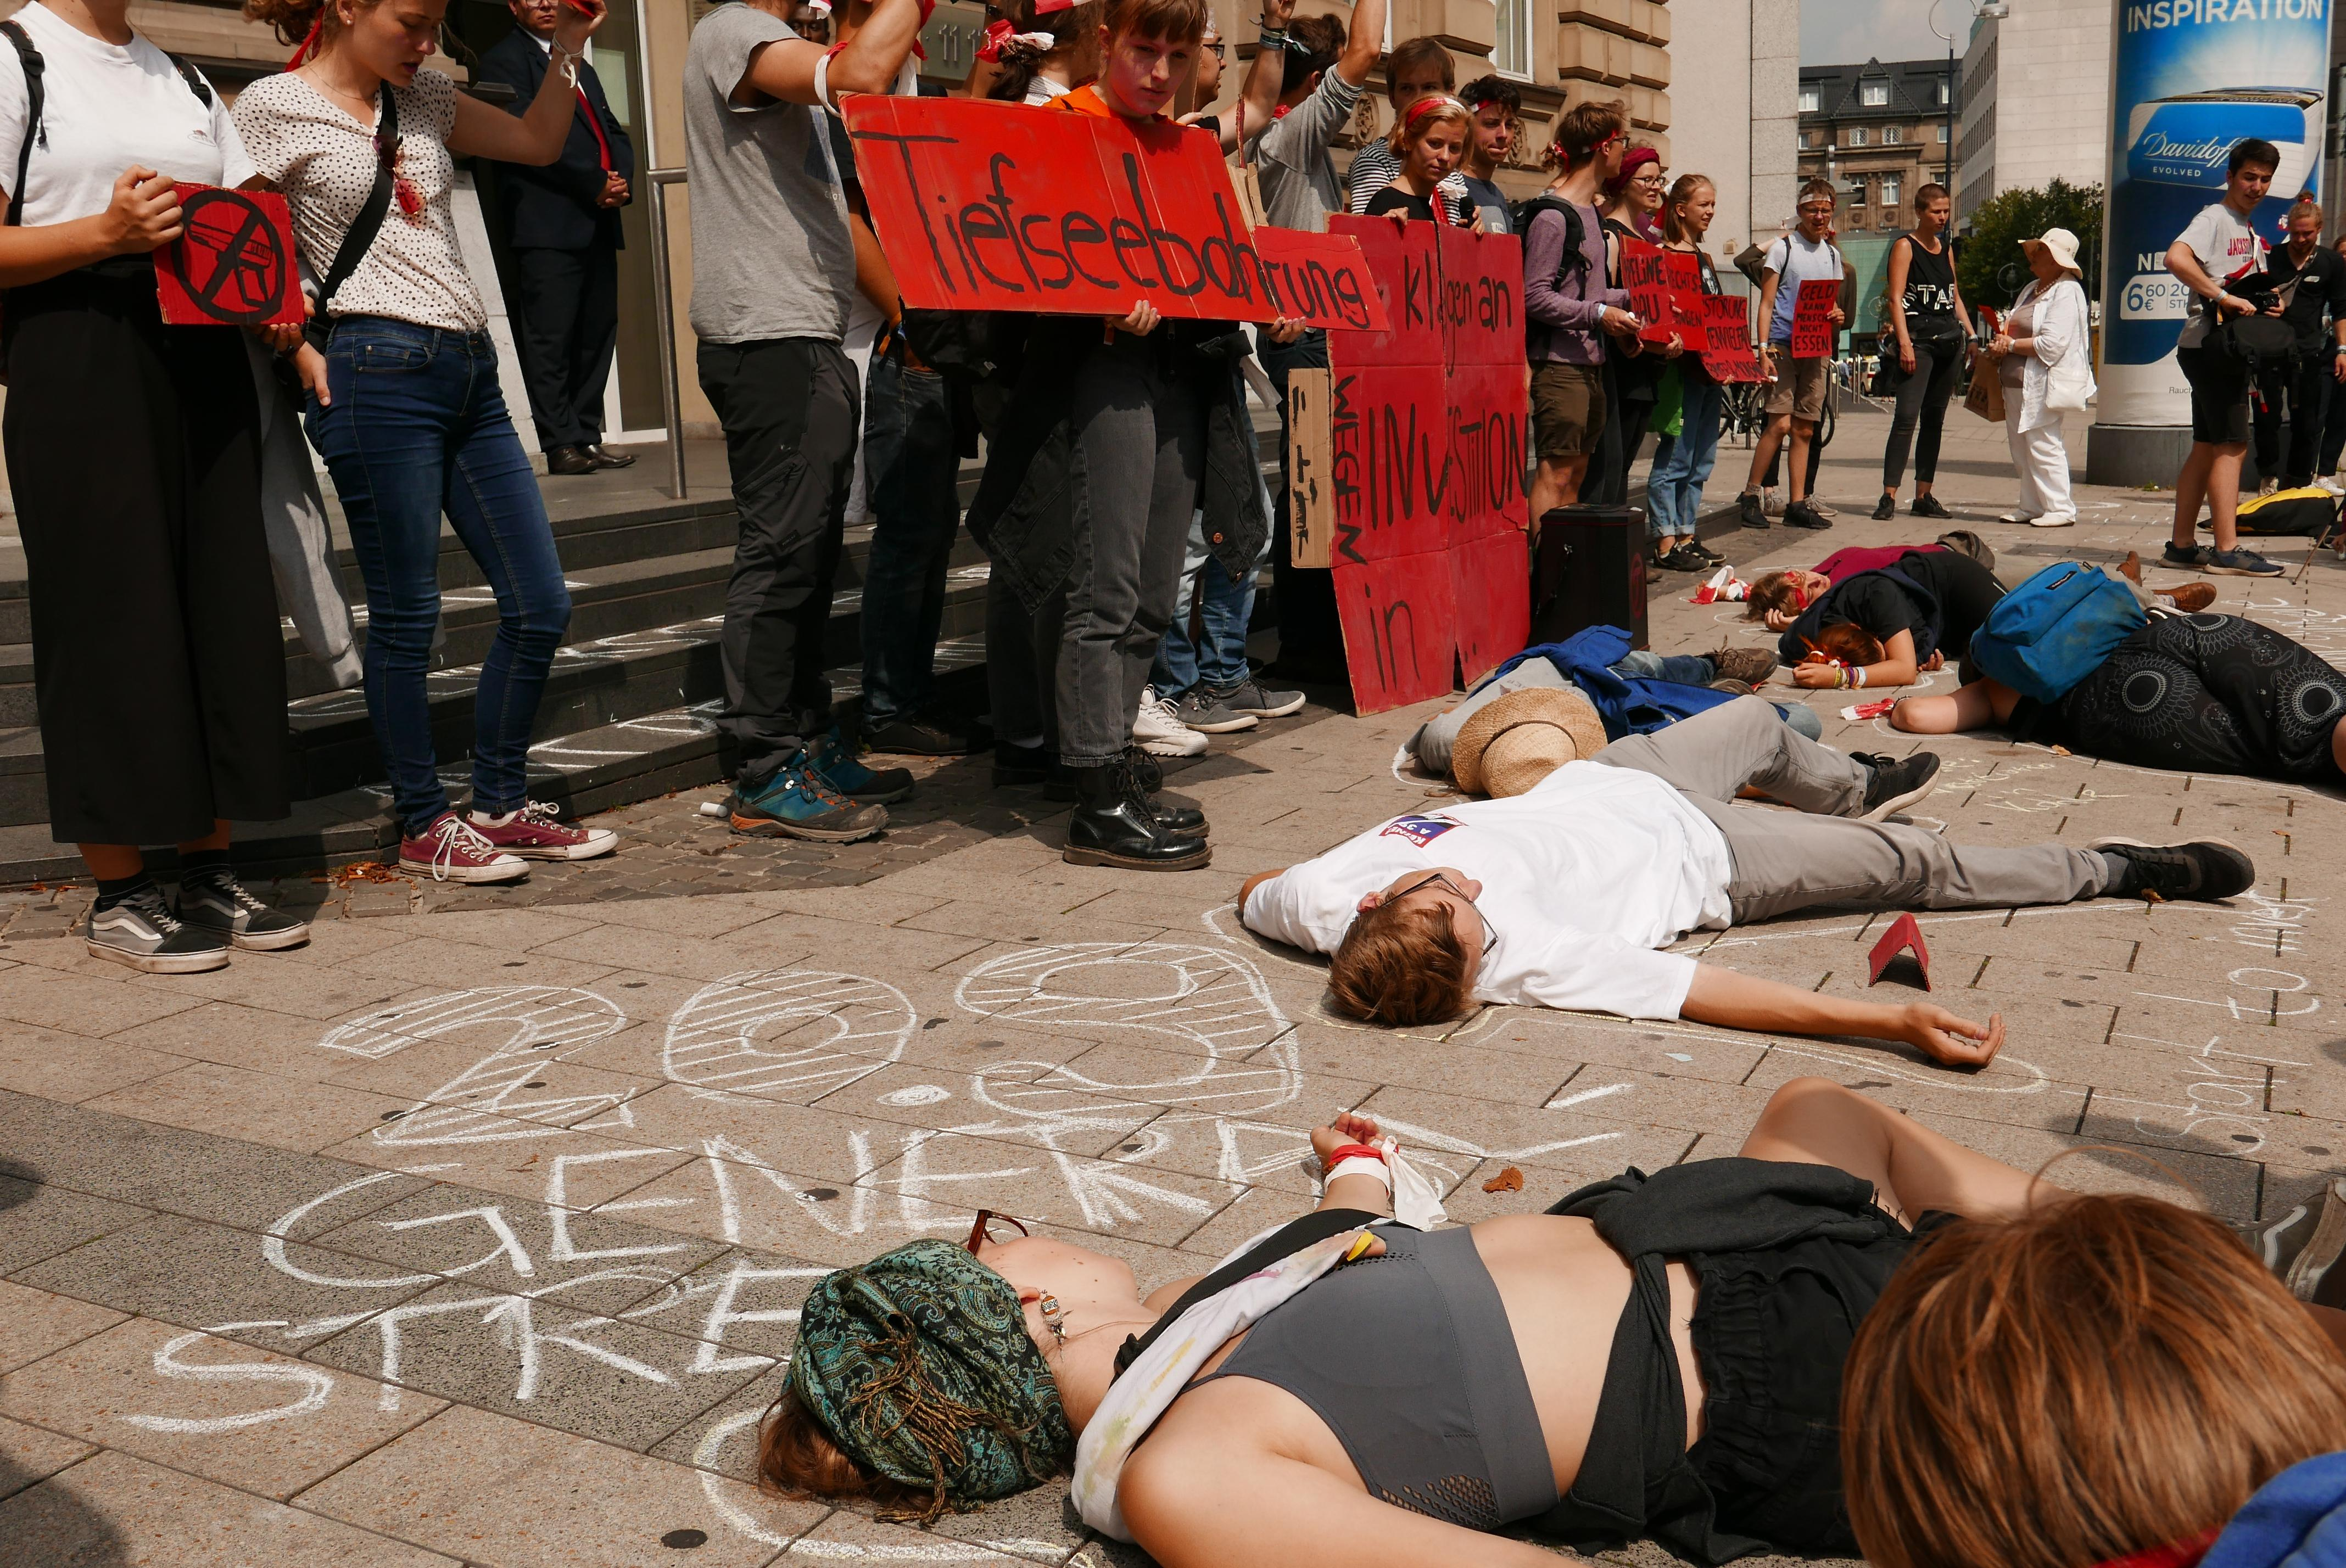 Nach der Demo gibt es verschiedene Aktionen in der Stadt. Unter anderem ein sogenanntes Die In vor der Deutschen Bank